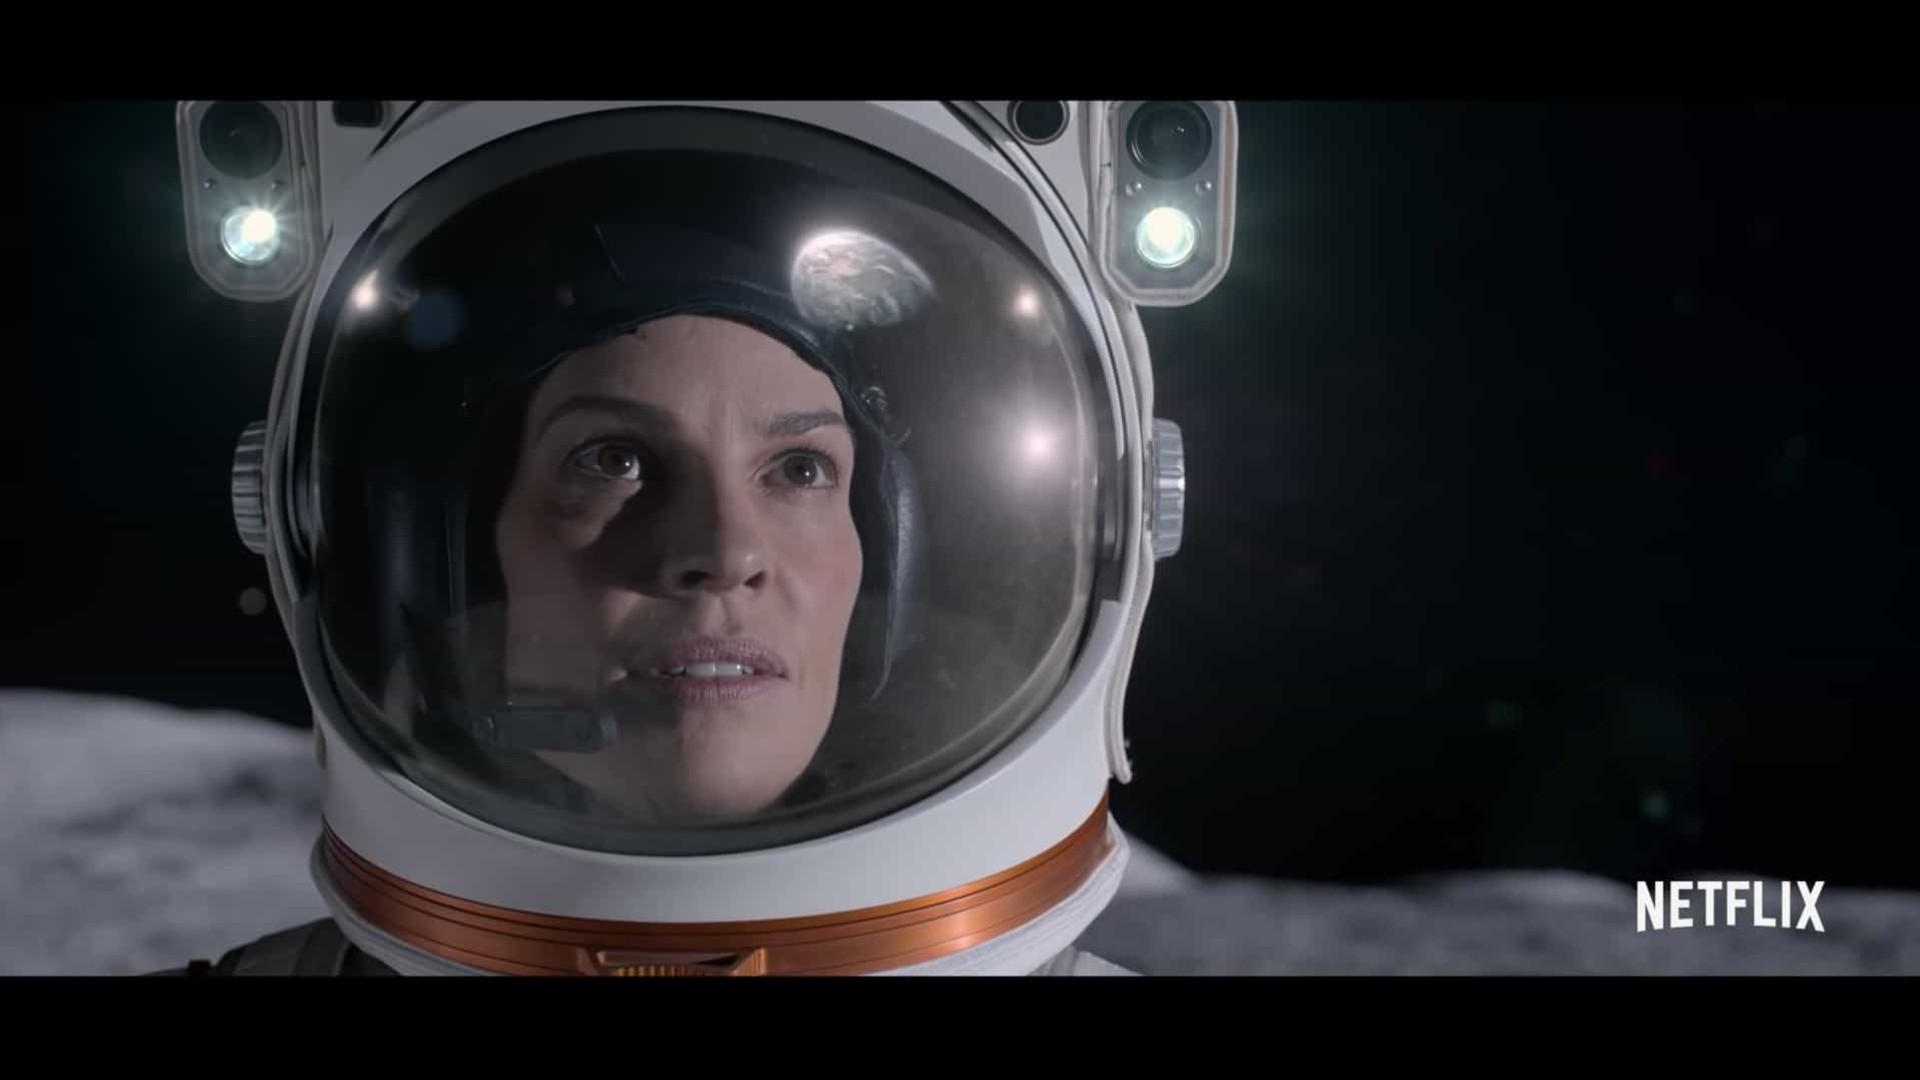 Netflix divulga trailer de nova série com Hilary Swank